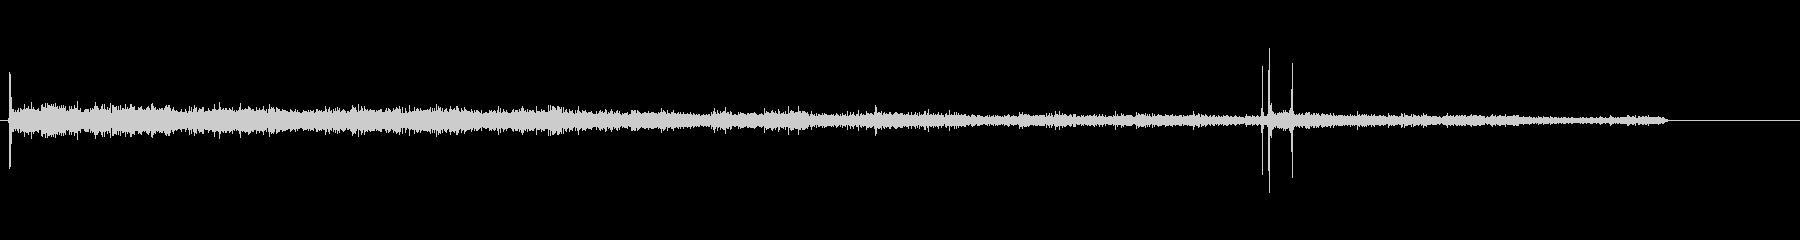 1956ペンタコンシックス(SLR...の未再生の波形